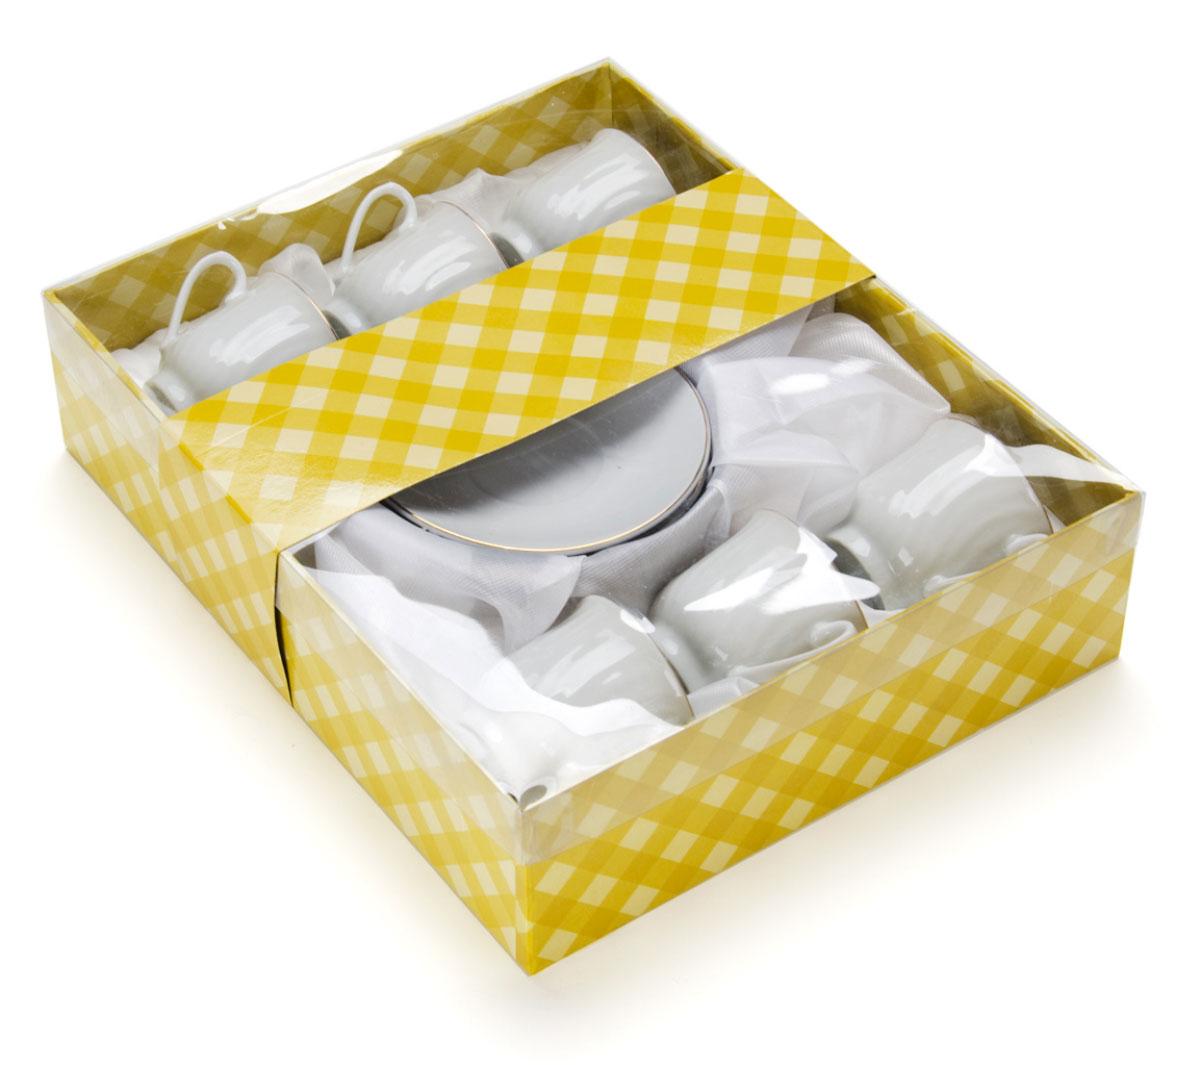 Набор кофейный Loraine, 12 предметов. 2561125611Набор отличается своим изысканным дизайном, прочностью и функциональностью. Несмотря на свою внешнюю хрупкость, каждый из предметов набор облает высокой прочностью и надежностью. Аккуратные чашечки и блюдца выполнены из высококачественной керамики - материала безопасного для здоровья и надолго сохраняющего тепло напитка. Элегантный, классический дизайн с золотым декором делают этот кофейный набор прекрасным украшением любого стола.Объем чашки: 90 мл.Диаметр чашки: 6 см.Высота чашки: 5,5 см.Диаметр блюдца: 10,5 см.